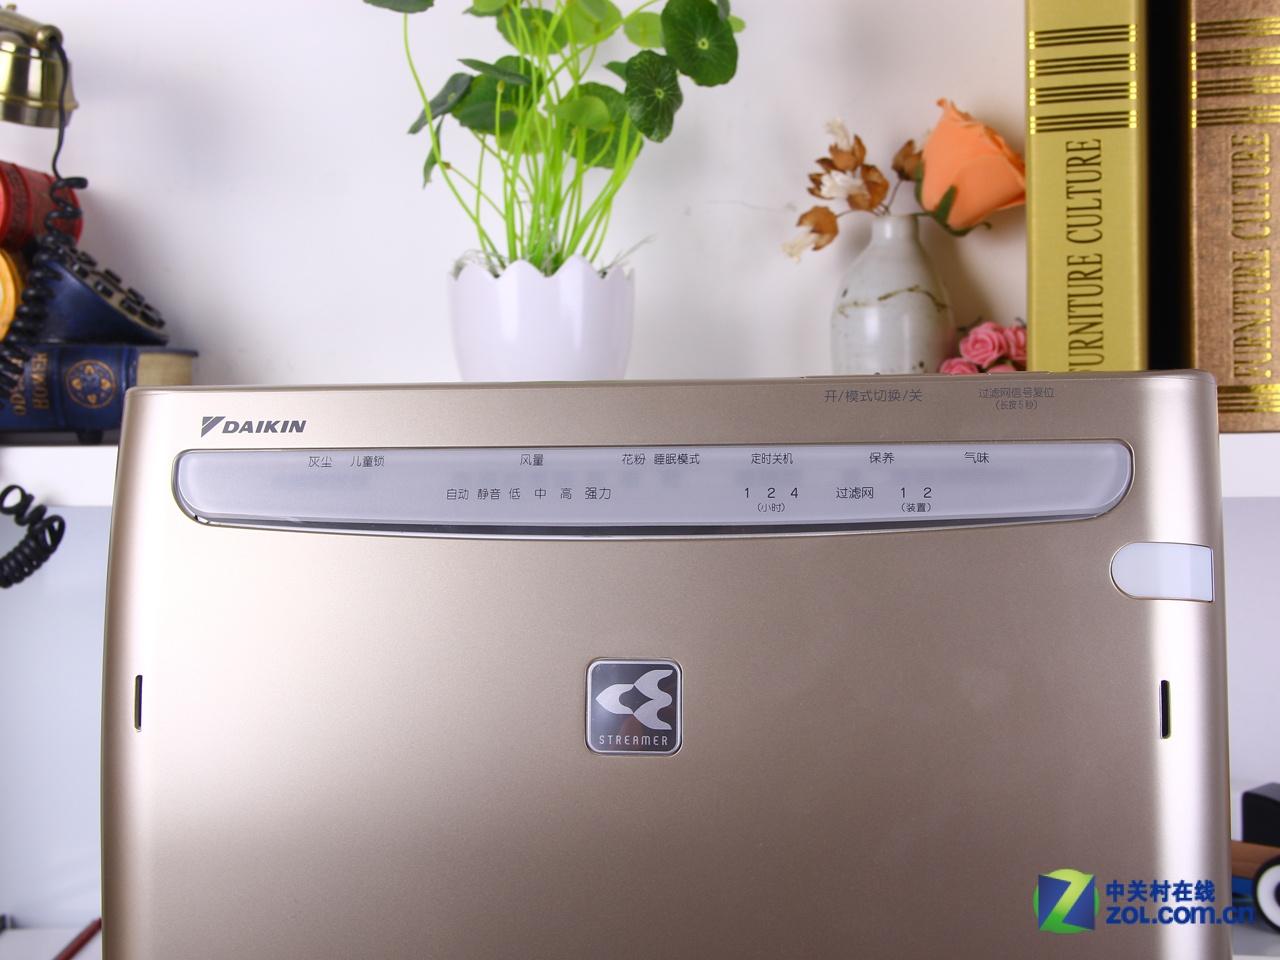 六层高效过滤系统 大金空气净化器图赏